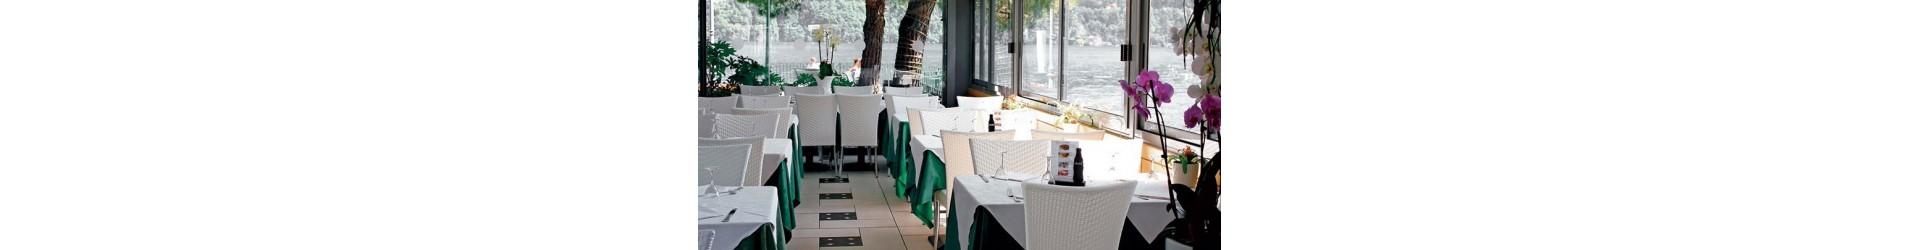 Machen Sie Ihre beeindruckende und attraktiv mit unserer Möbel-Linie-bar